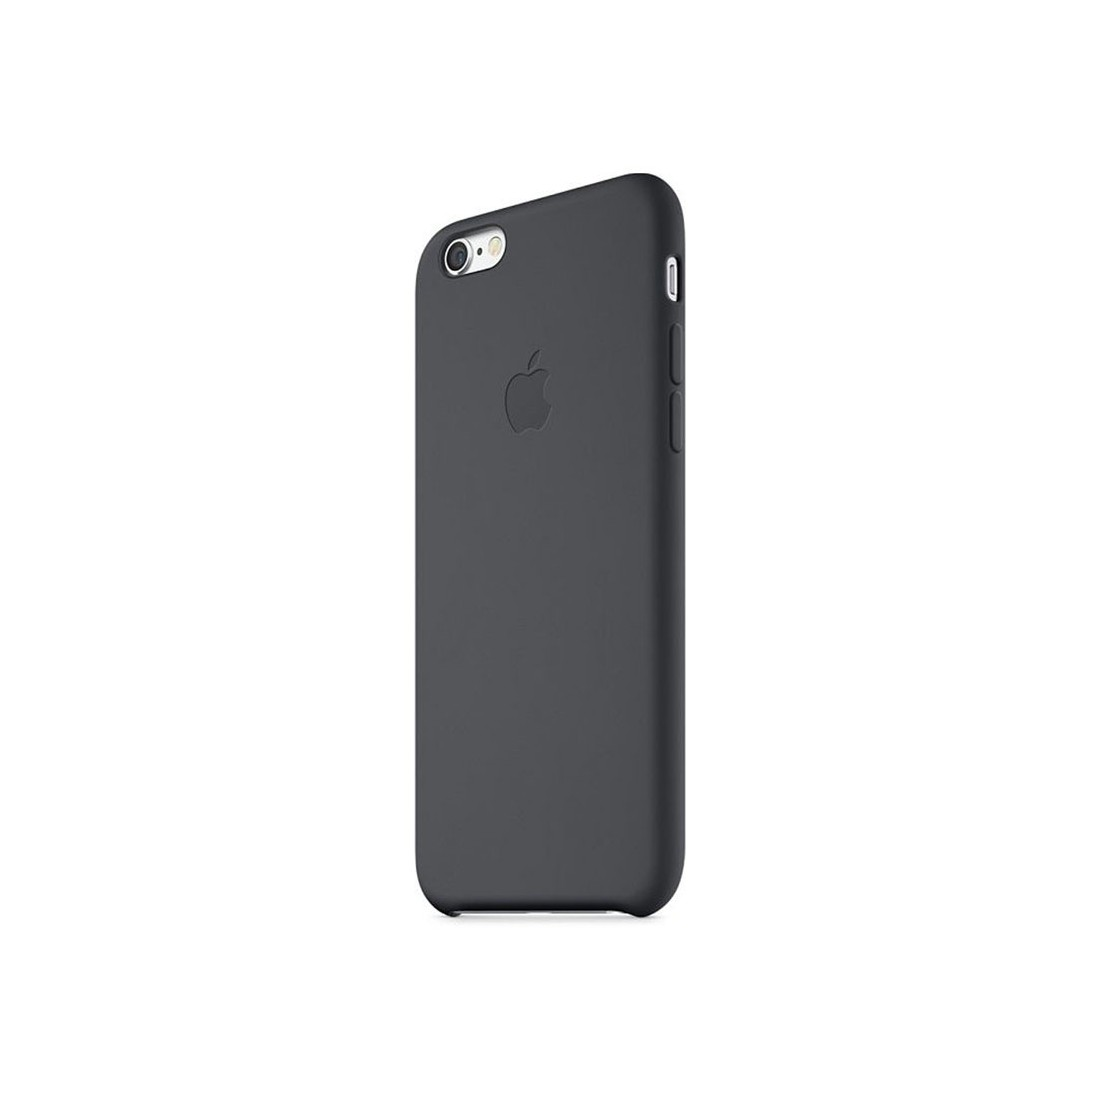 coque en silicone apple pour iphone 6 plus mgr92zma noire